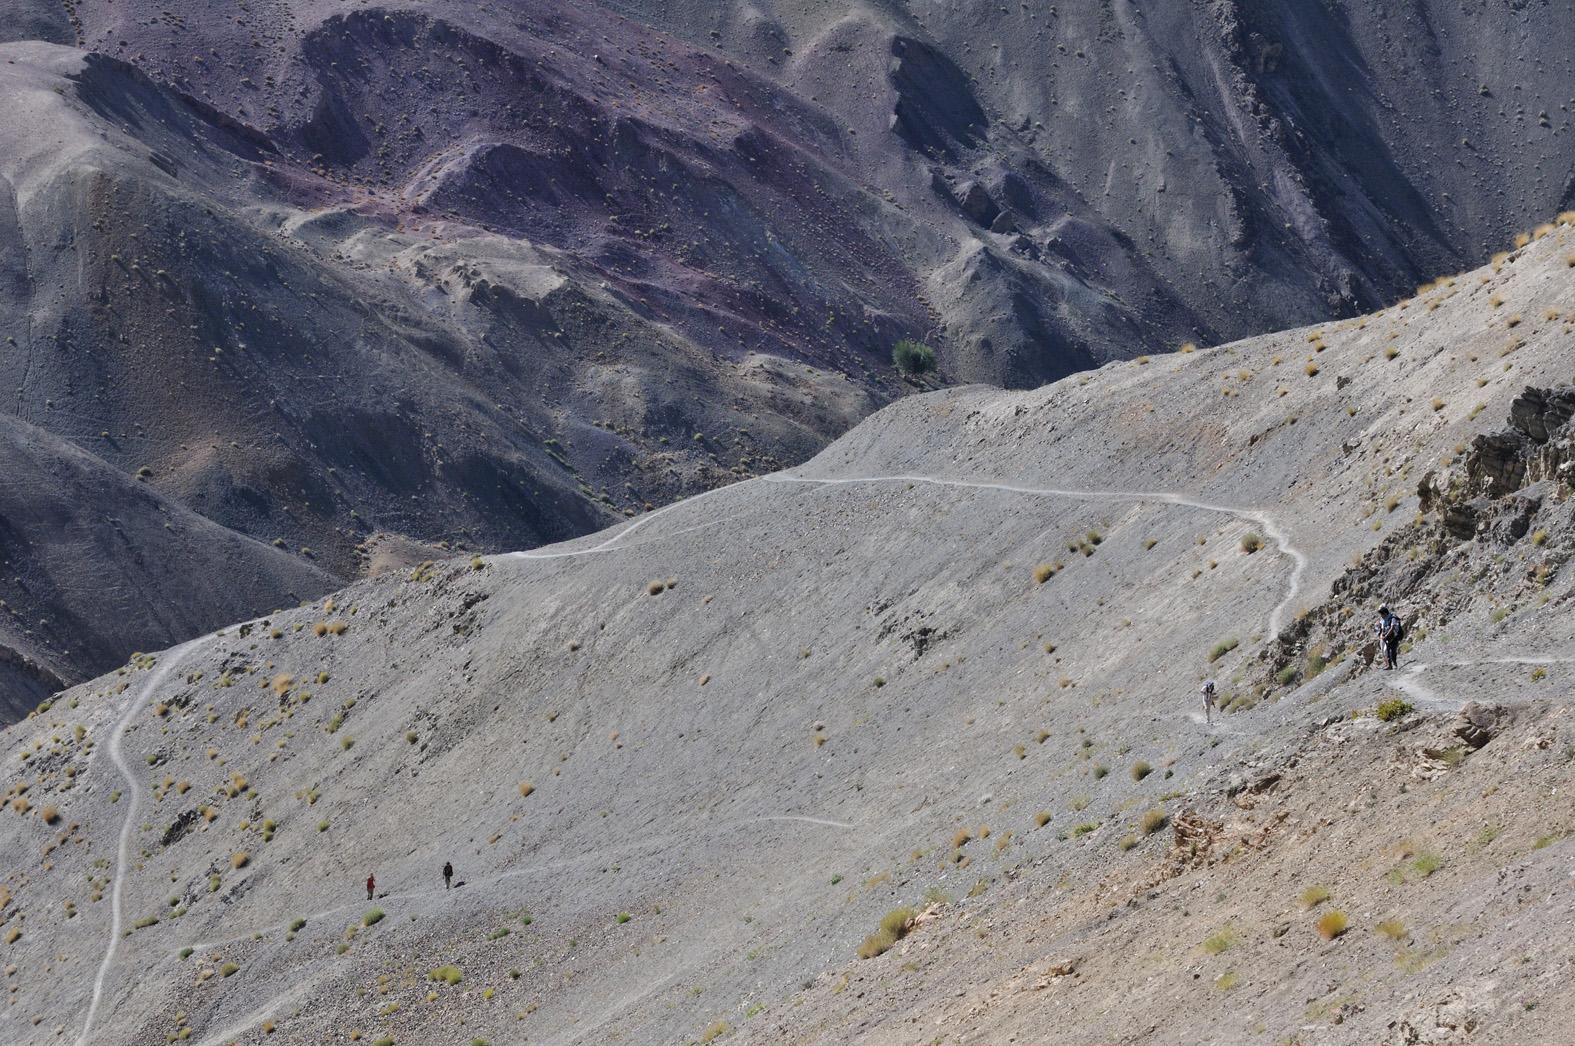 foto: © Tom van der Leij | Hiken door Westerse reizigers in Ladakh komen